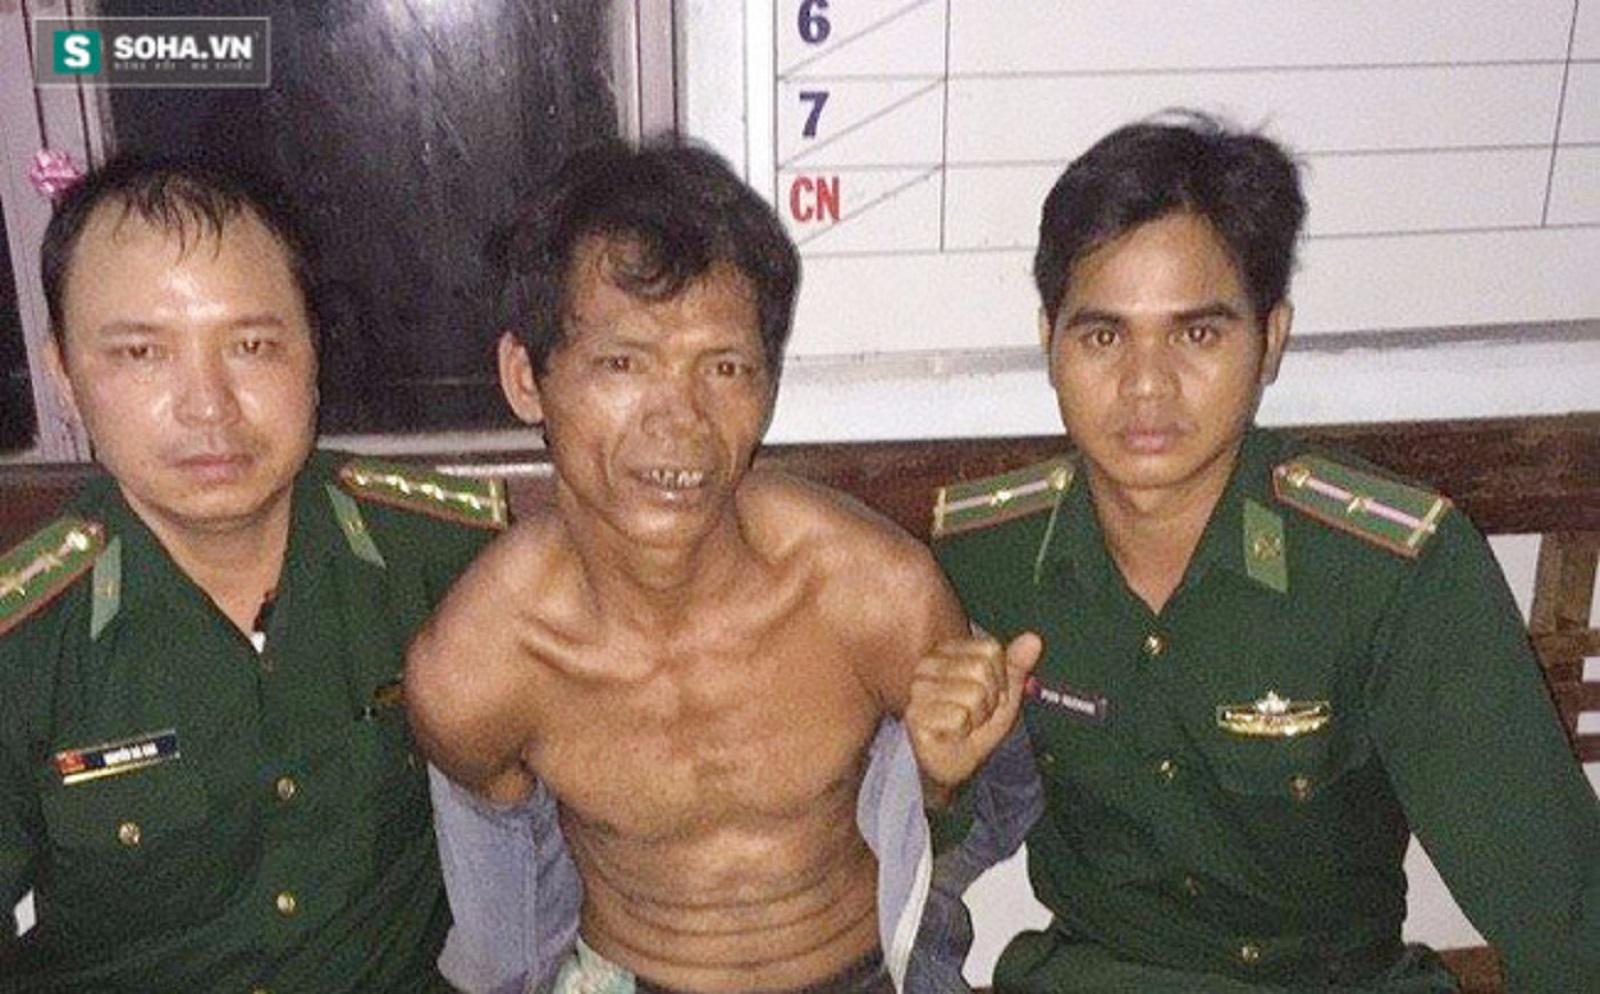 Gia Lai: Vợ bàng hoàng bắt quả tang chồng mò sang phòng cưỡng bức con gái ruột